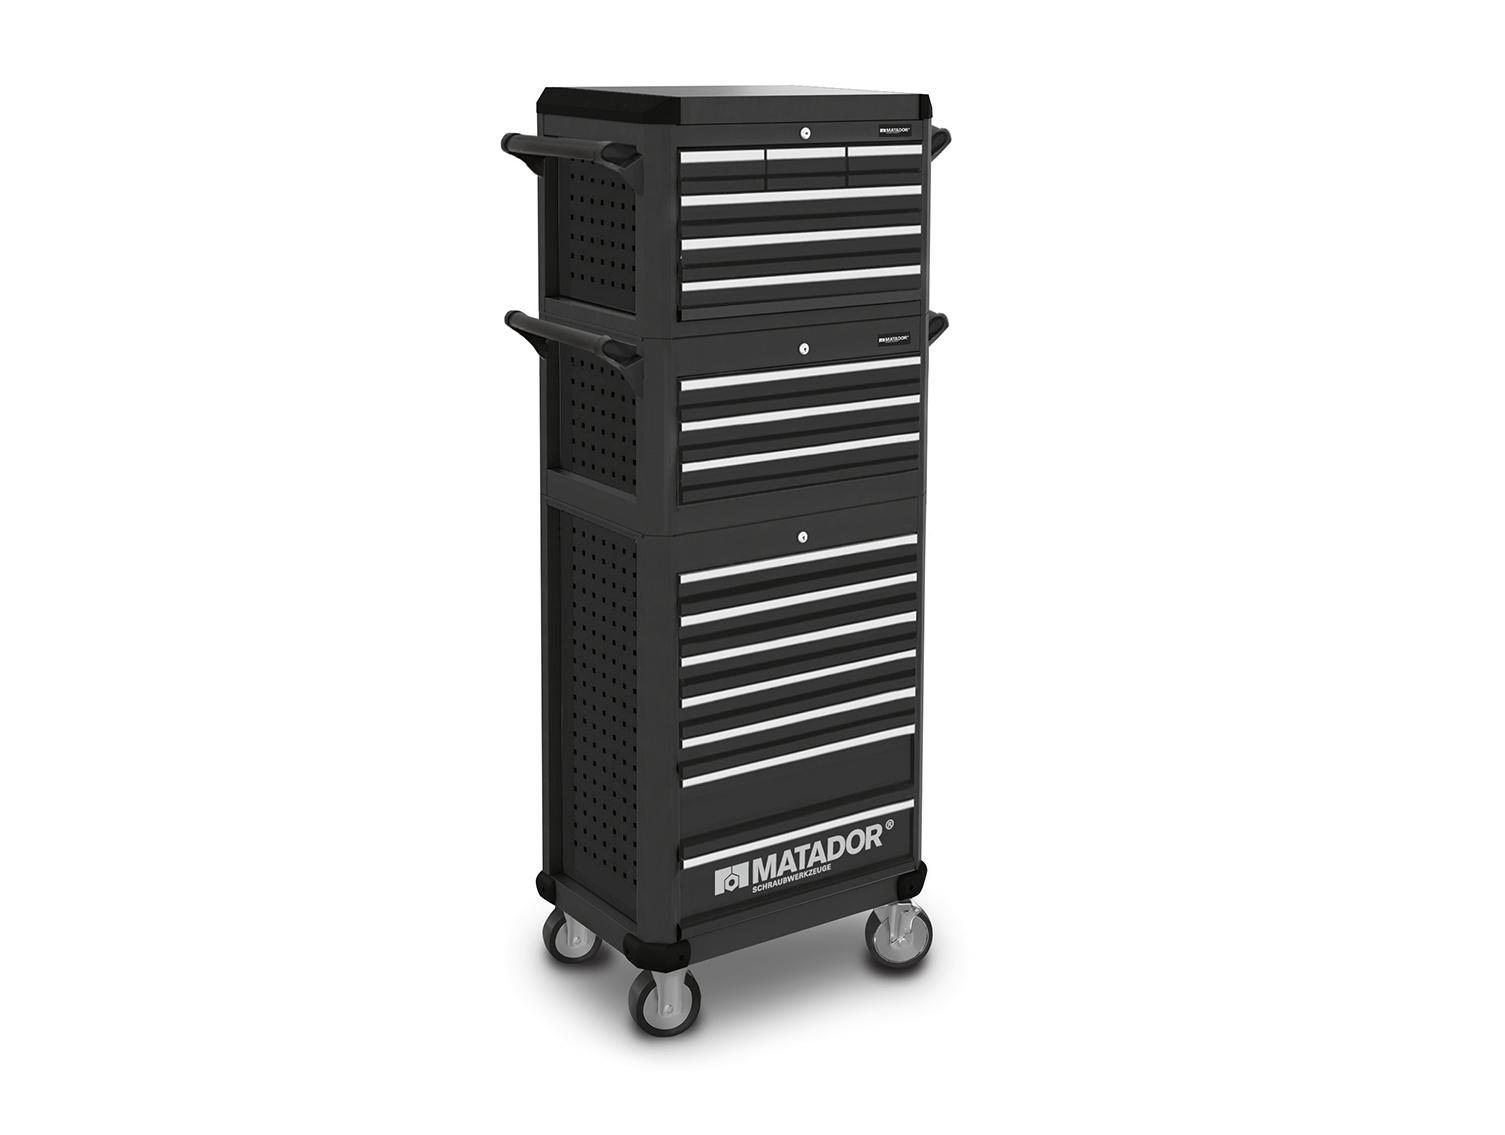 Erweiterbar zur echten Workstation mit 3 oder sogar 9 zusätzlichen Schubladen.